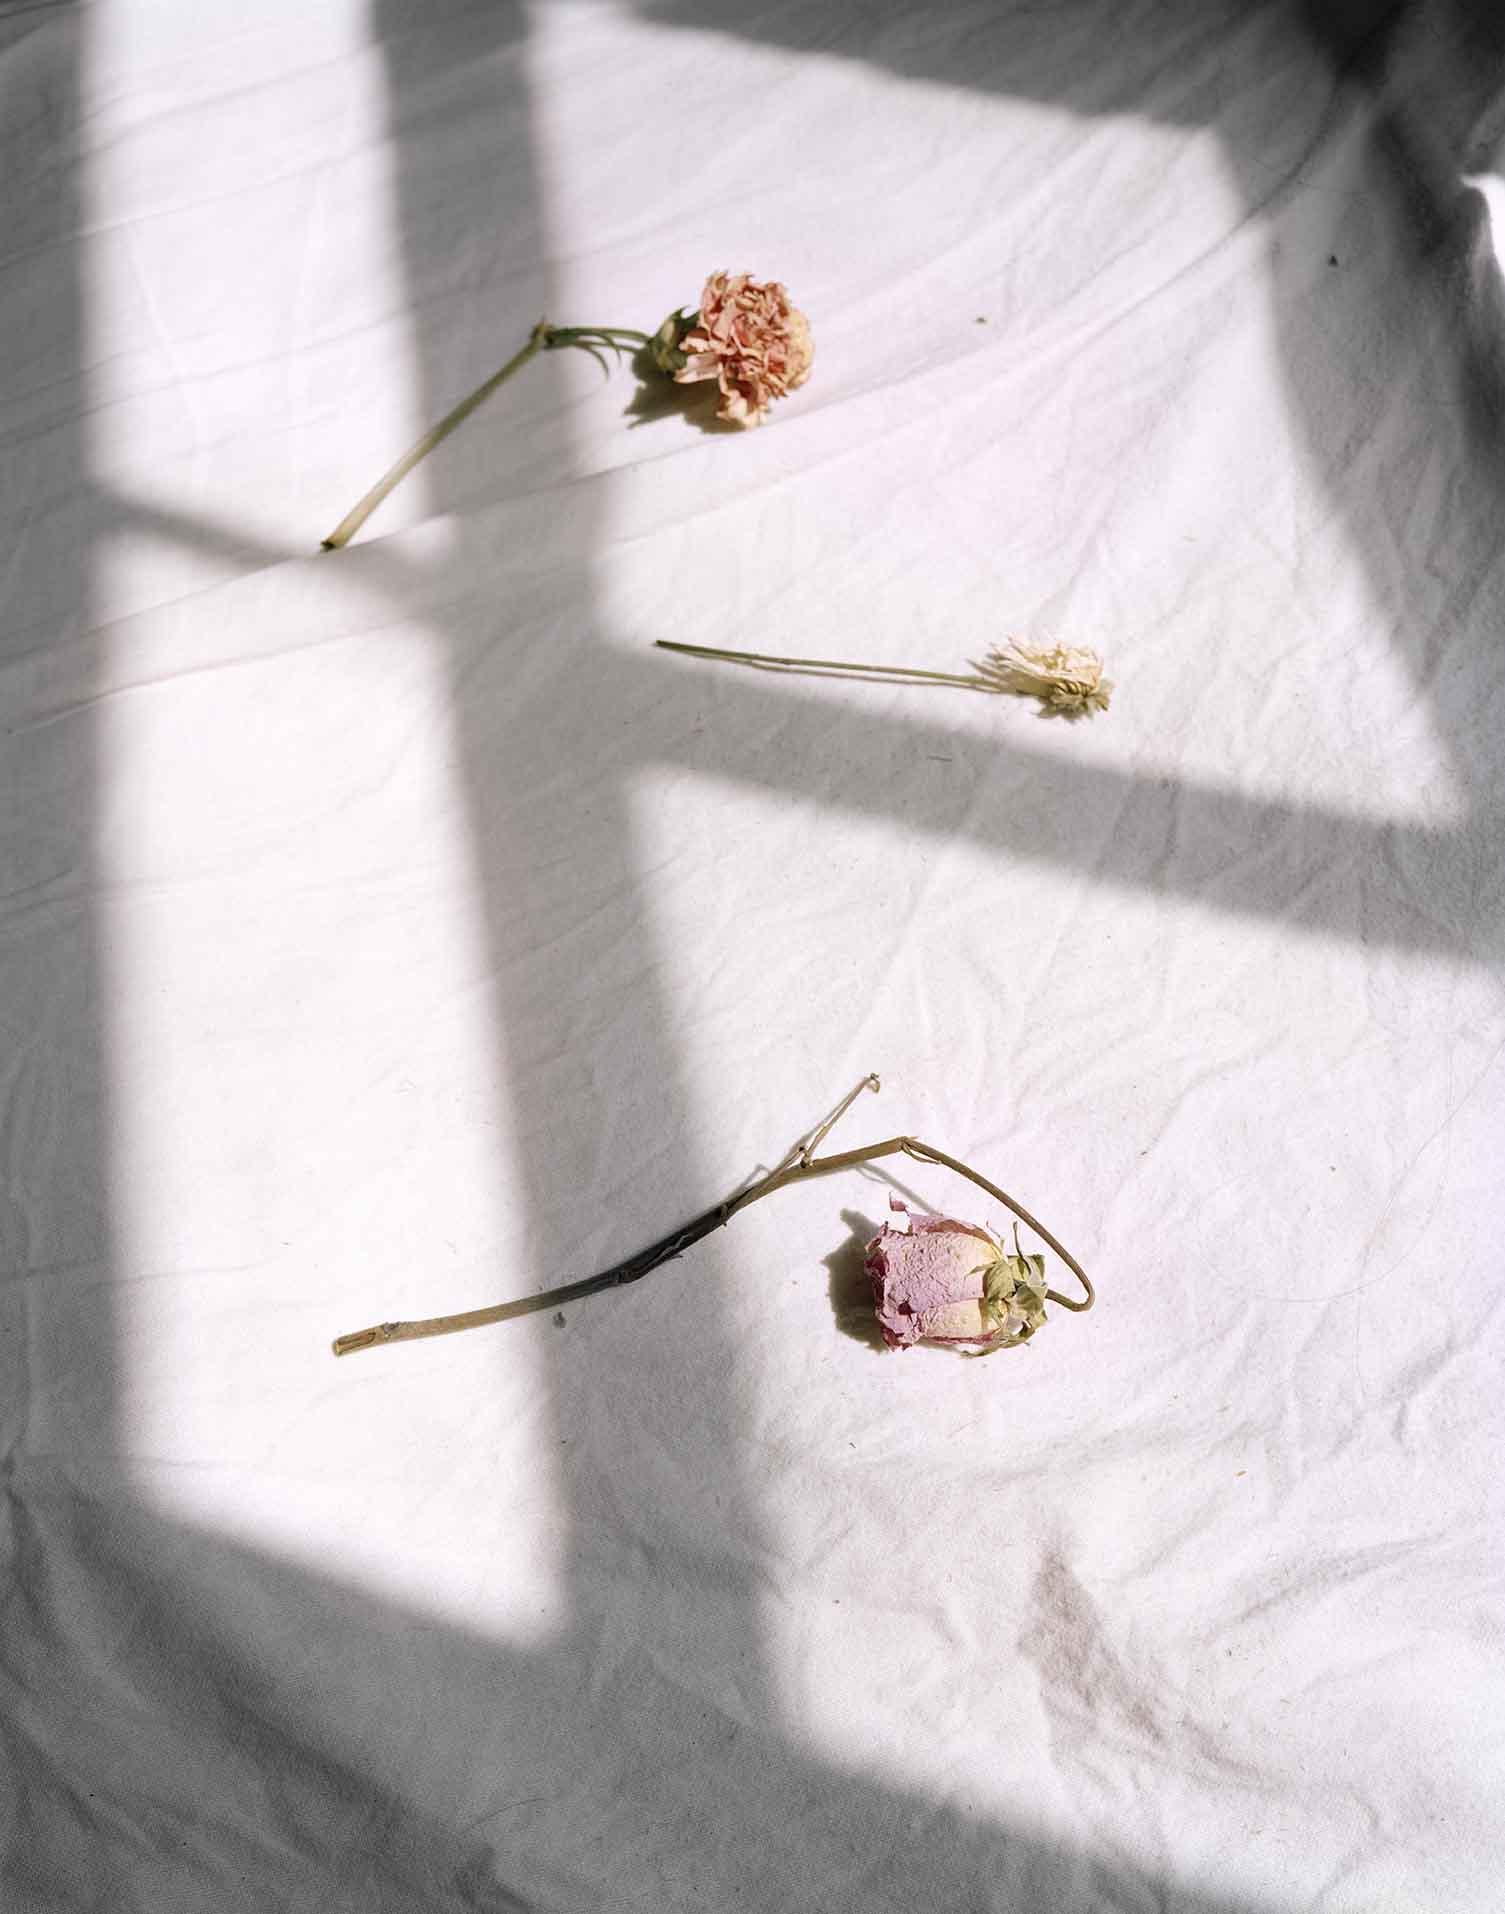 flowers on bed 001.jpg